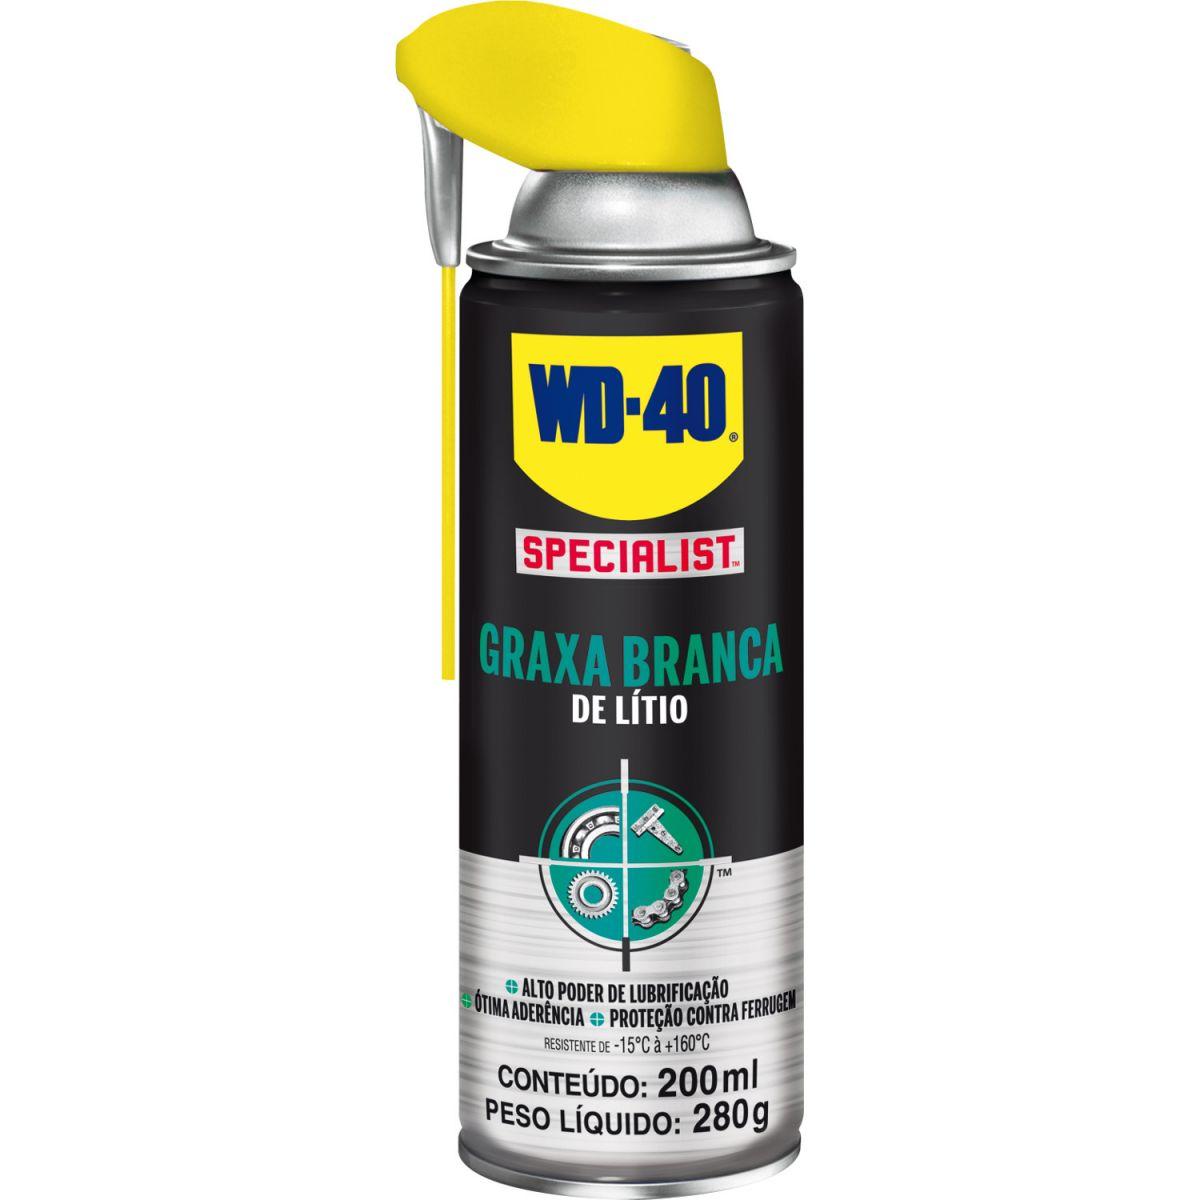 GRAXA BRANCA DE LÍTIO  SPECIALIST 400 ML (AEROSSOL) - WD-40